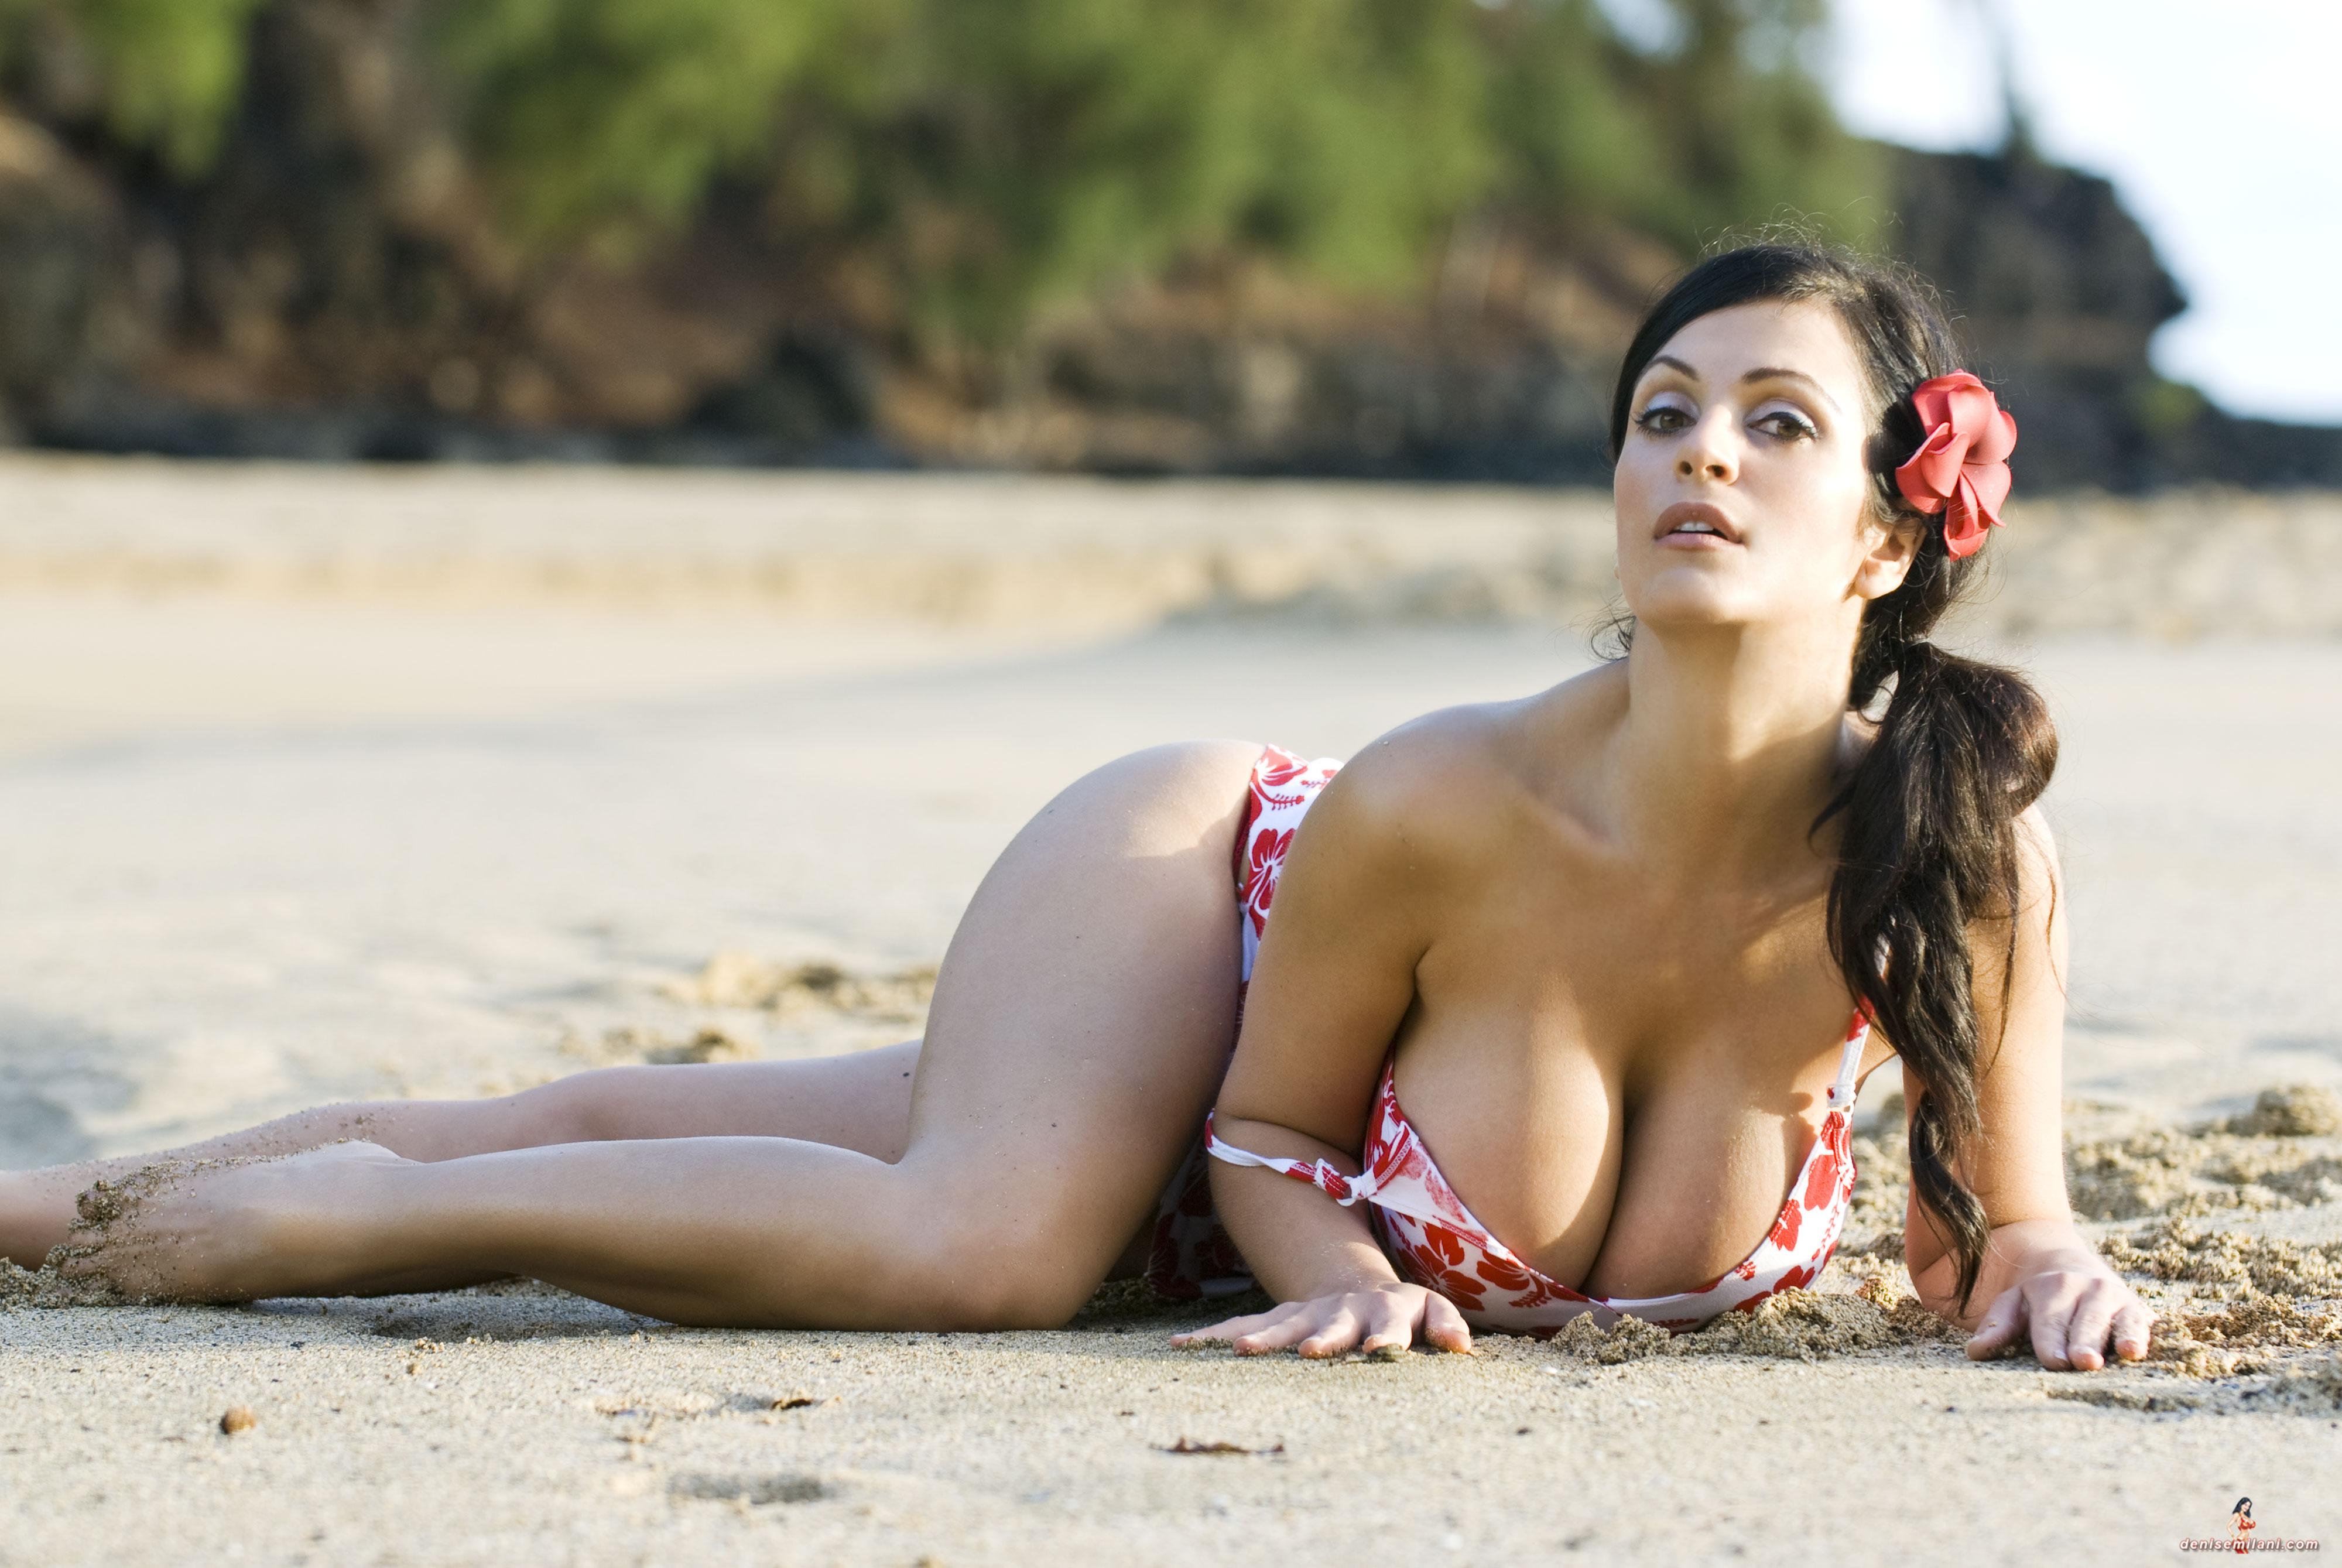 фото женщина с большими грудями - 13